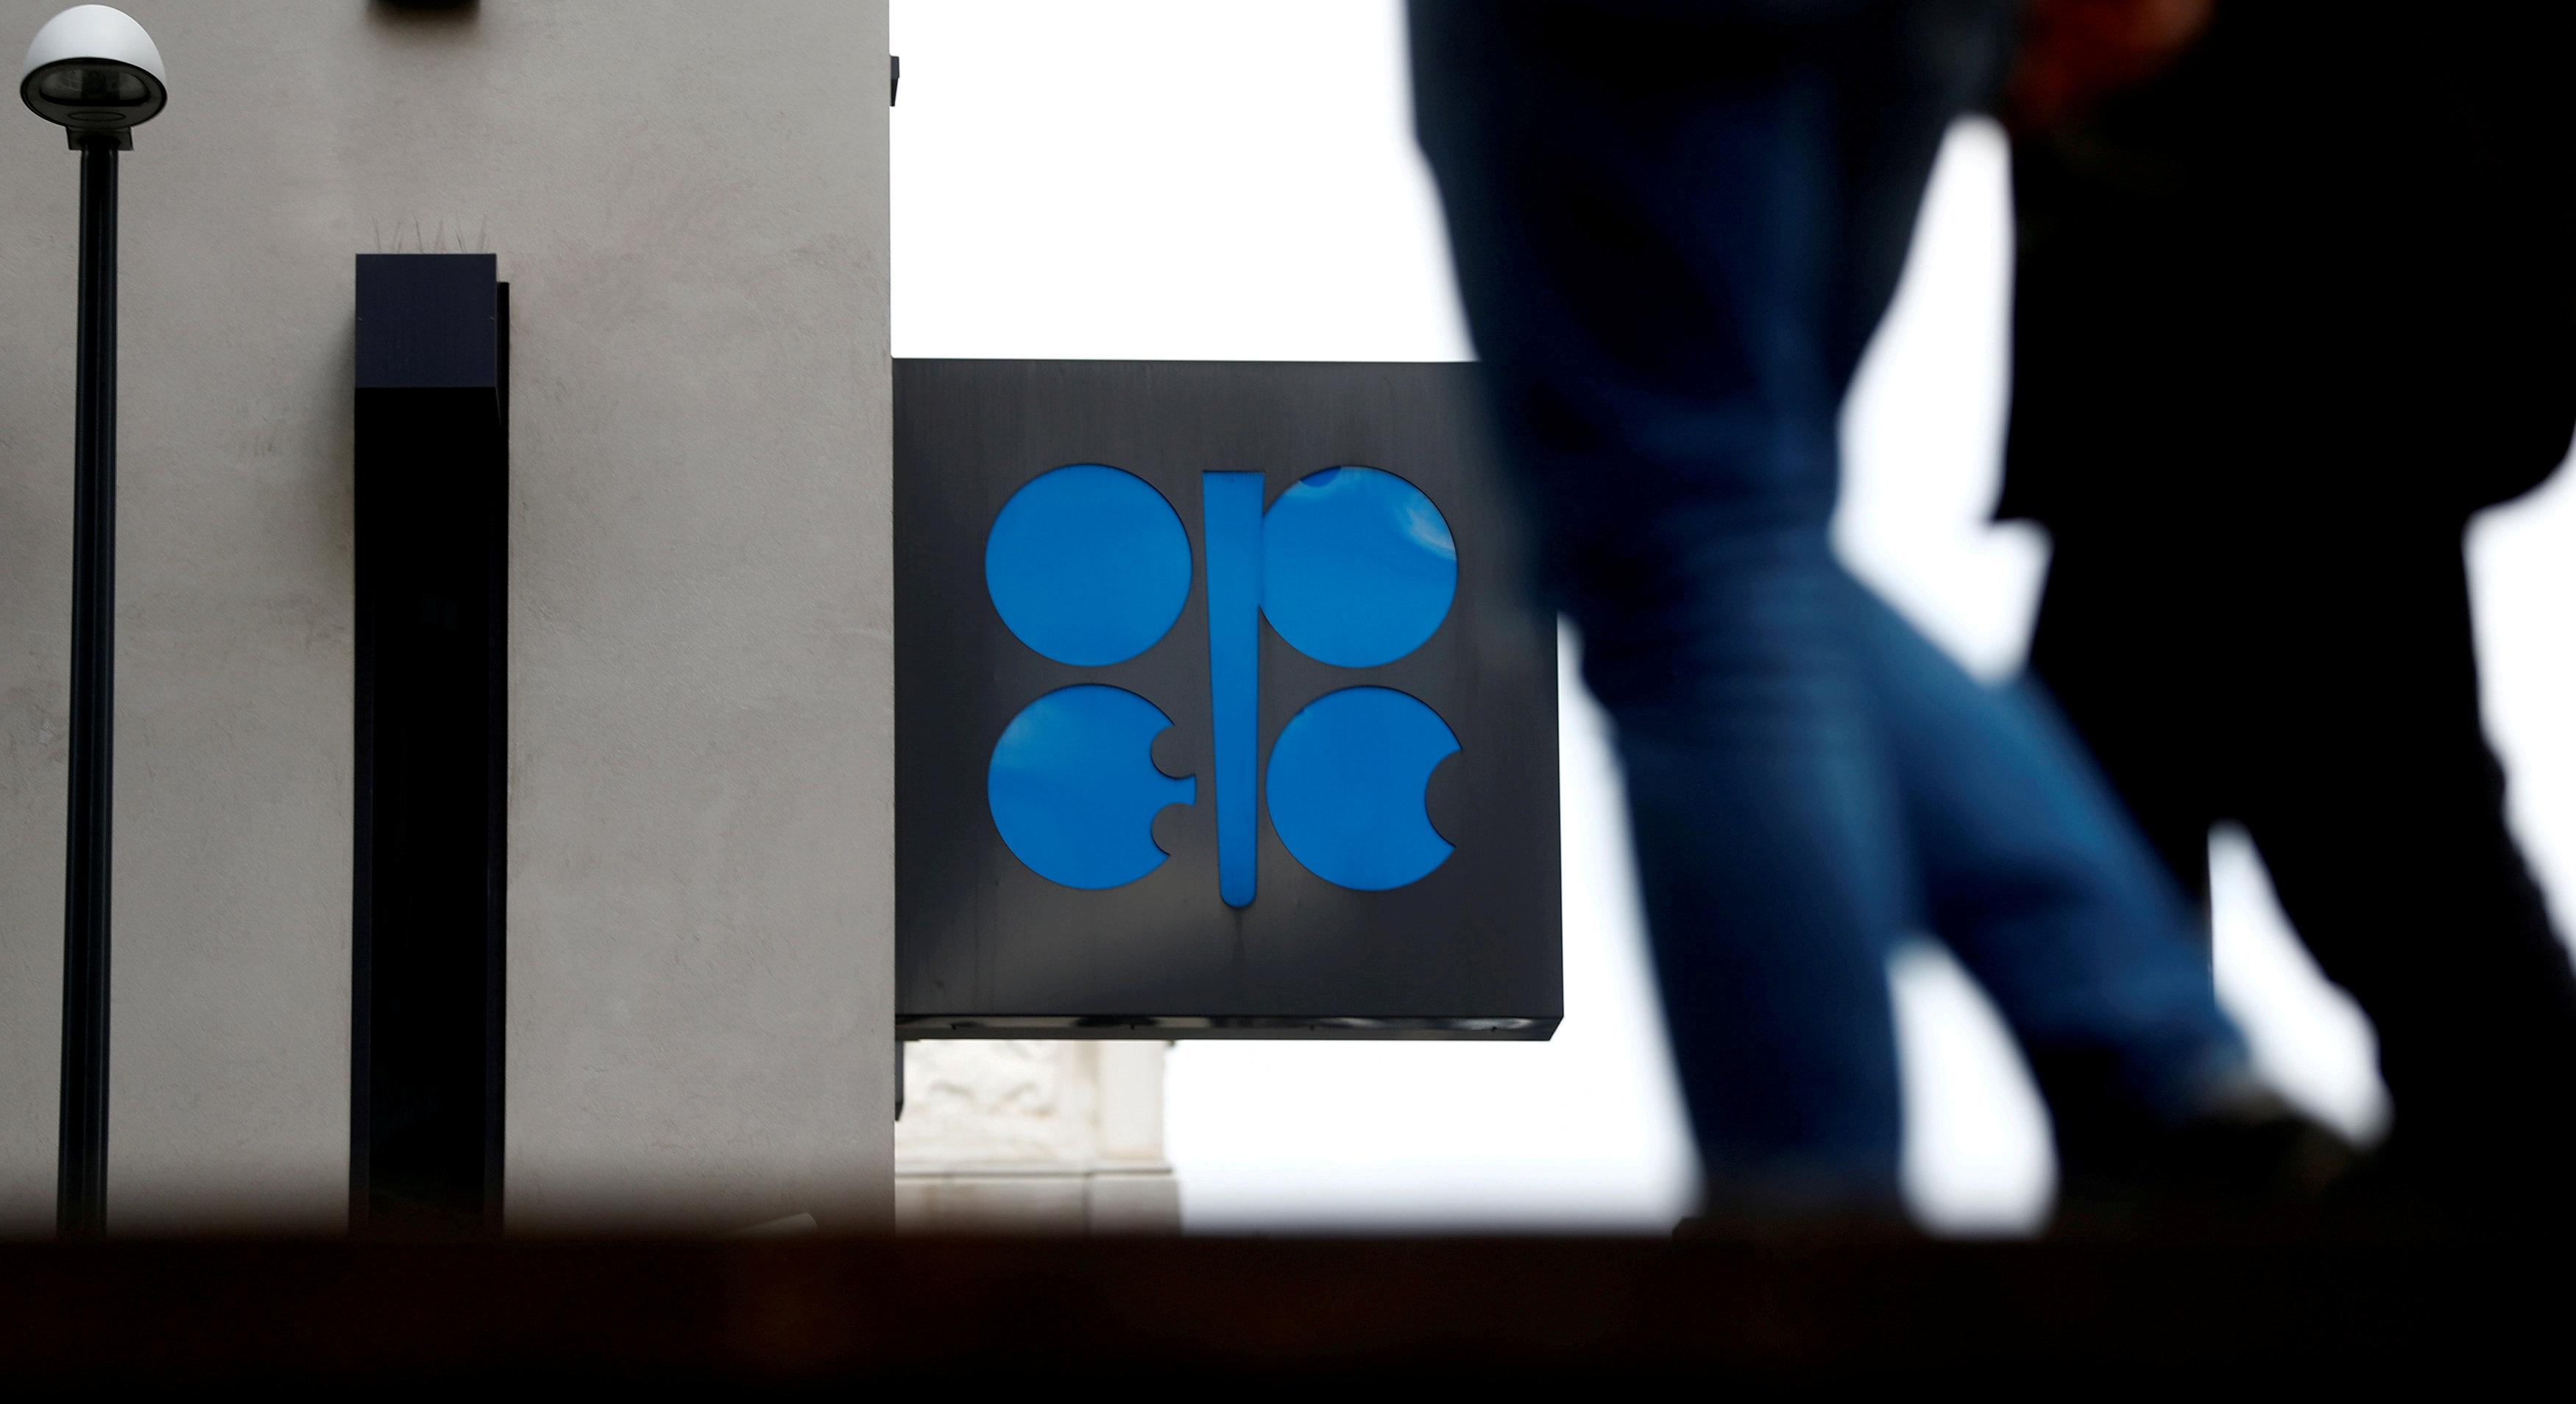 Aumento de producción de la OPEP sería más bajo de lo anunciado